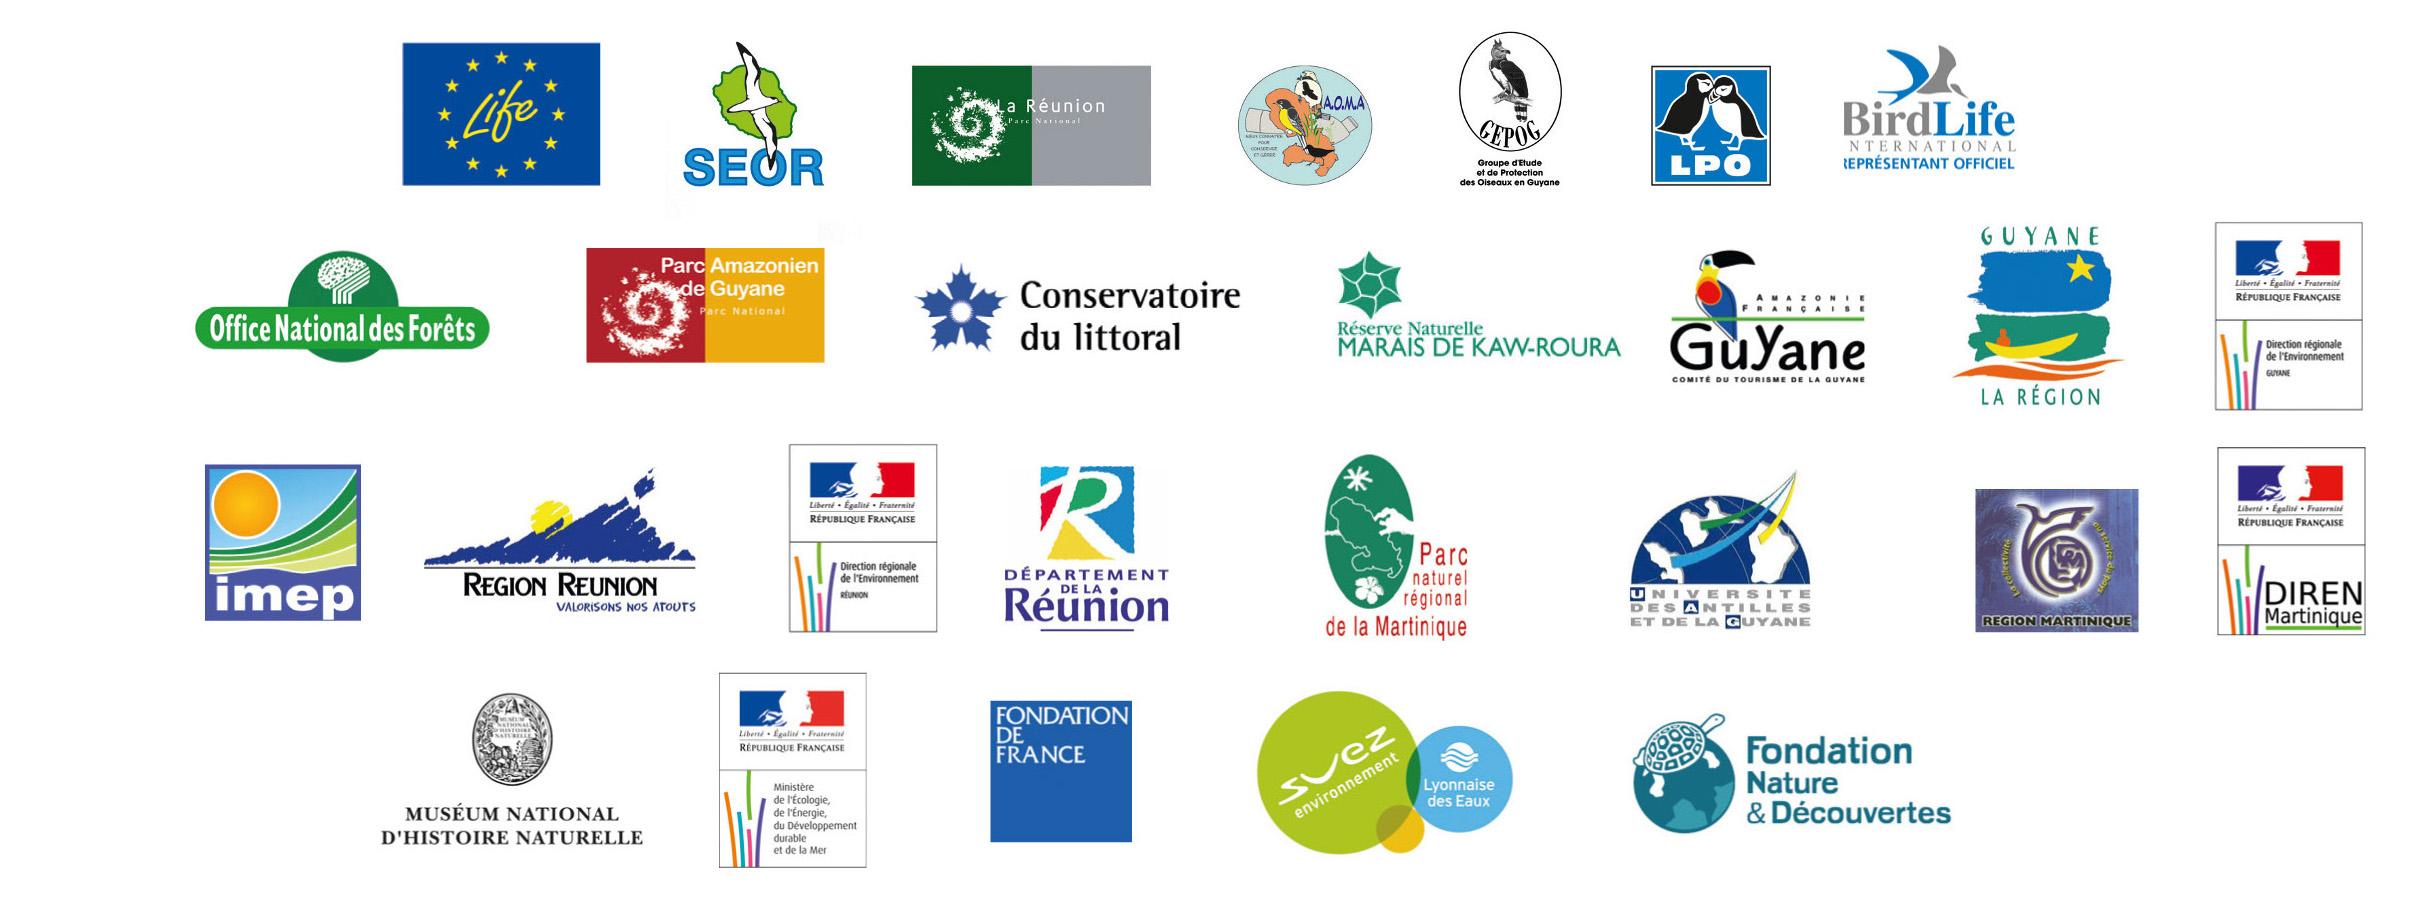 http://files.biolovision.net/www.faune-guyane.fr/userfiles/Bandeaulogostous.jpg